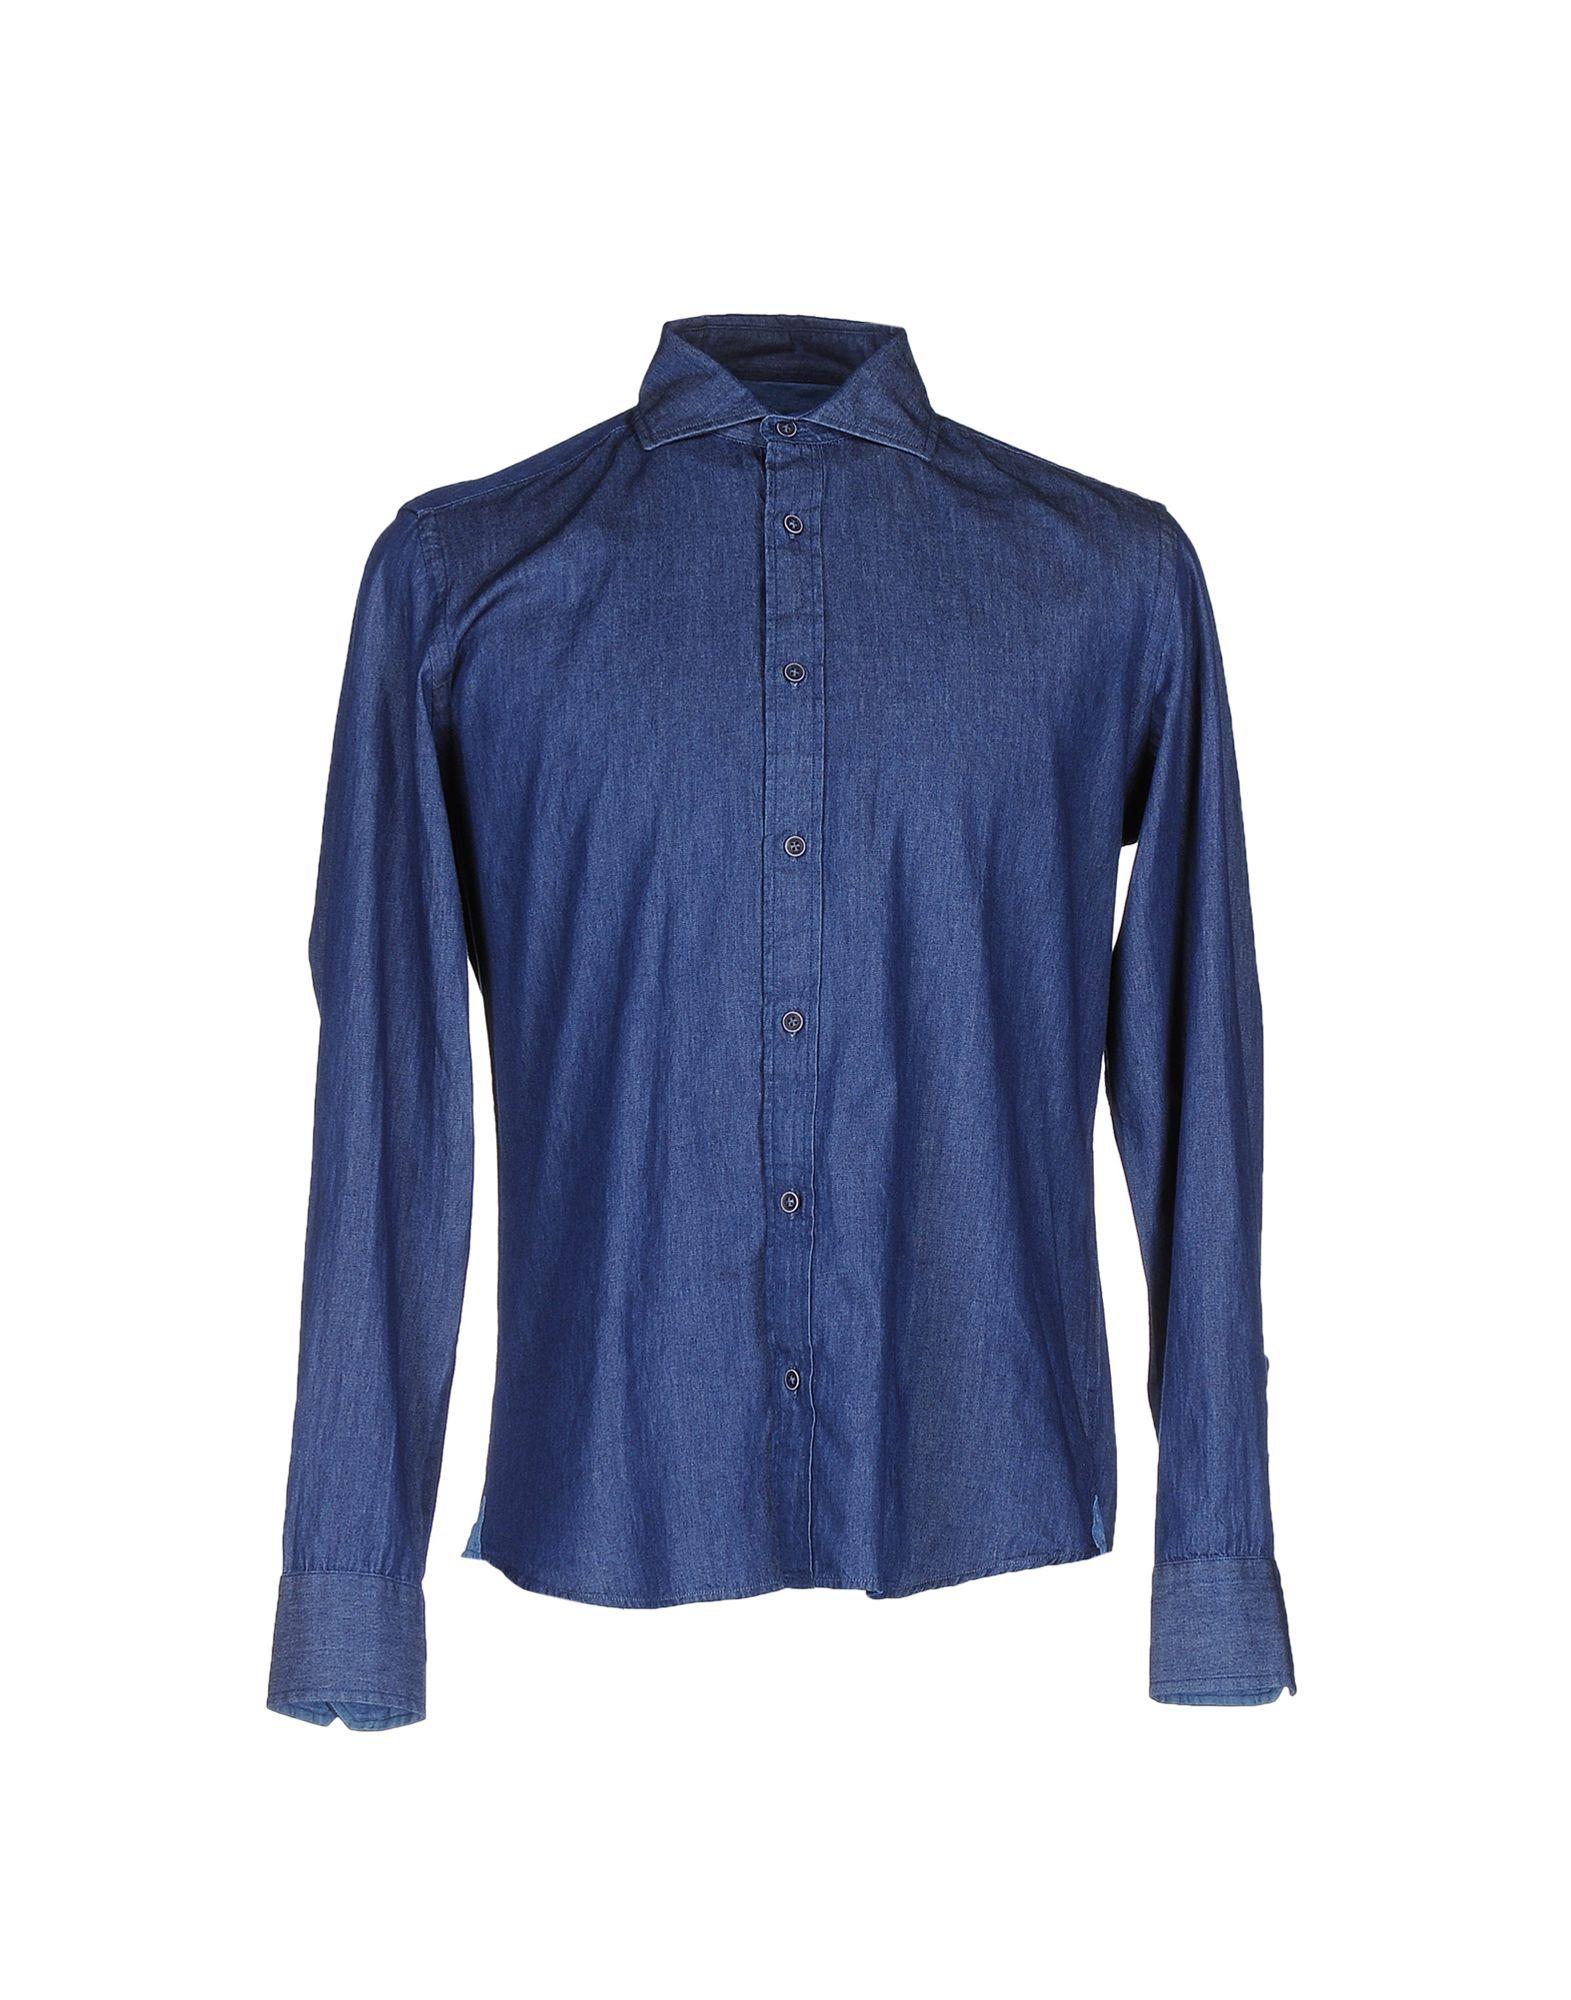 ALTEA dal 1973 Джинсовая рубашка